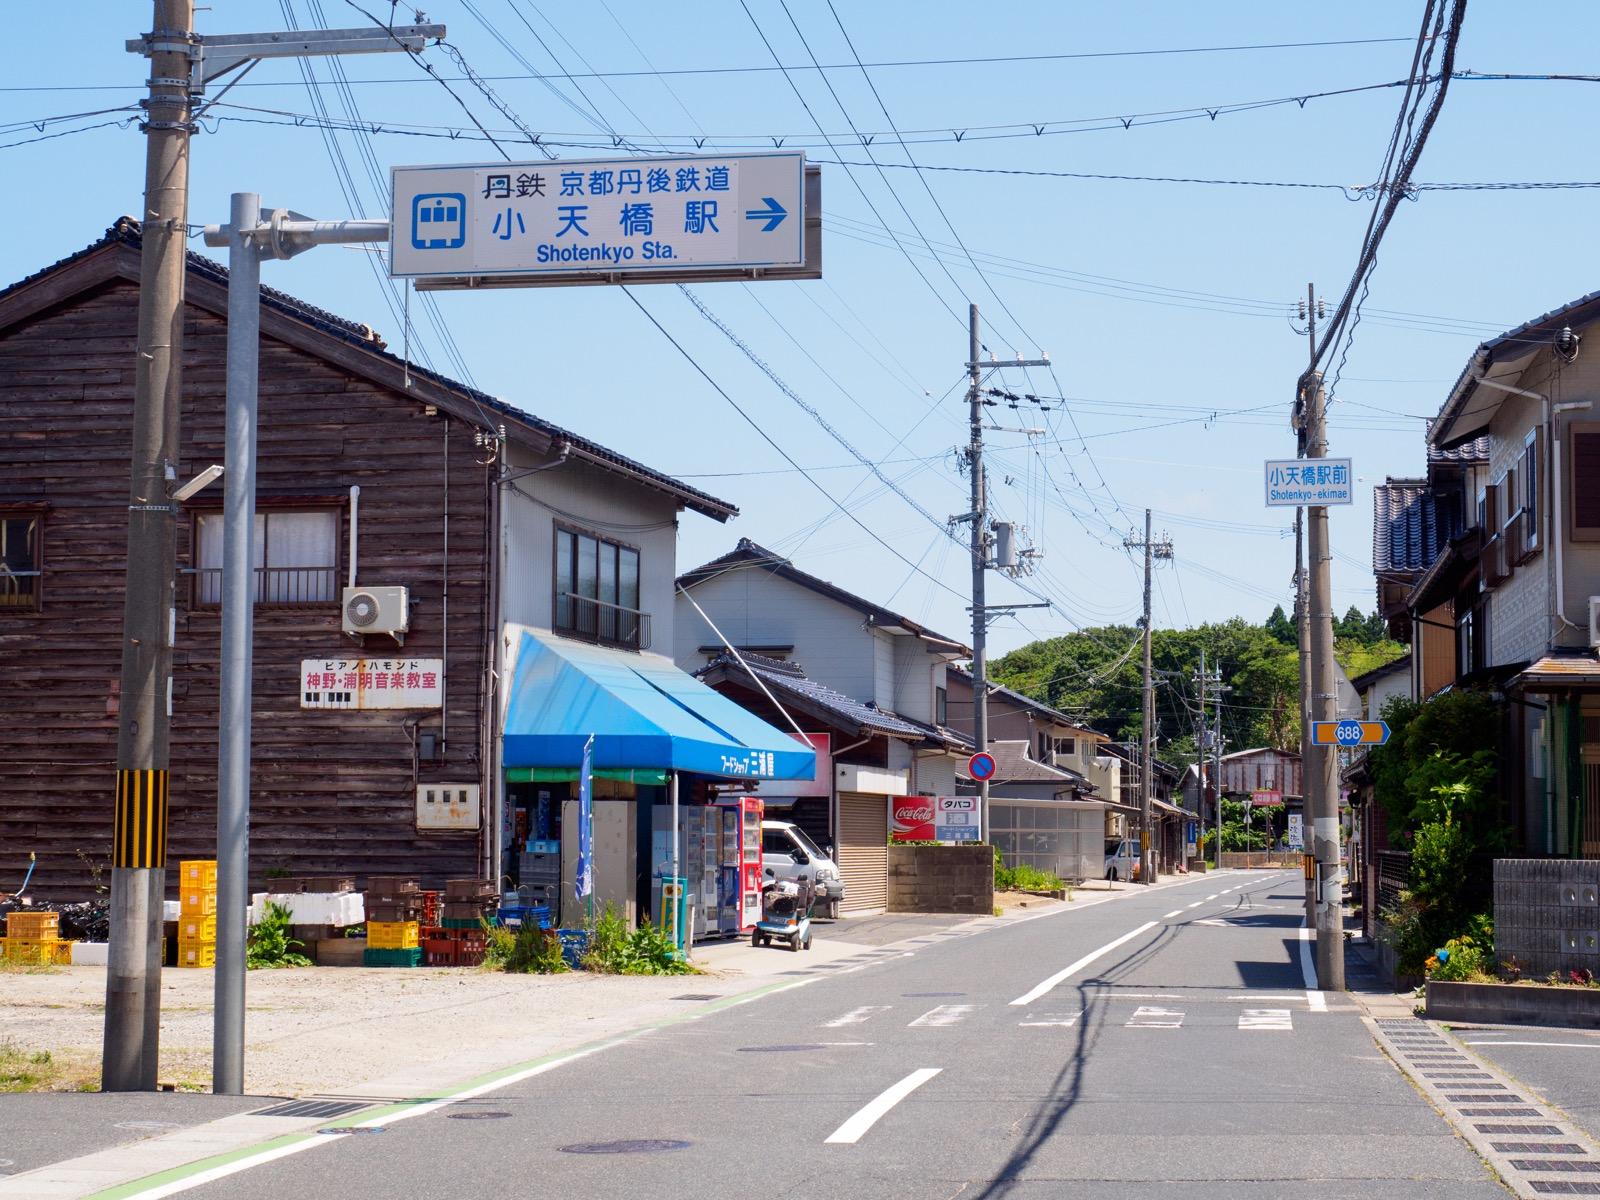 小天橋駅前のスーパー